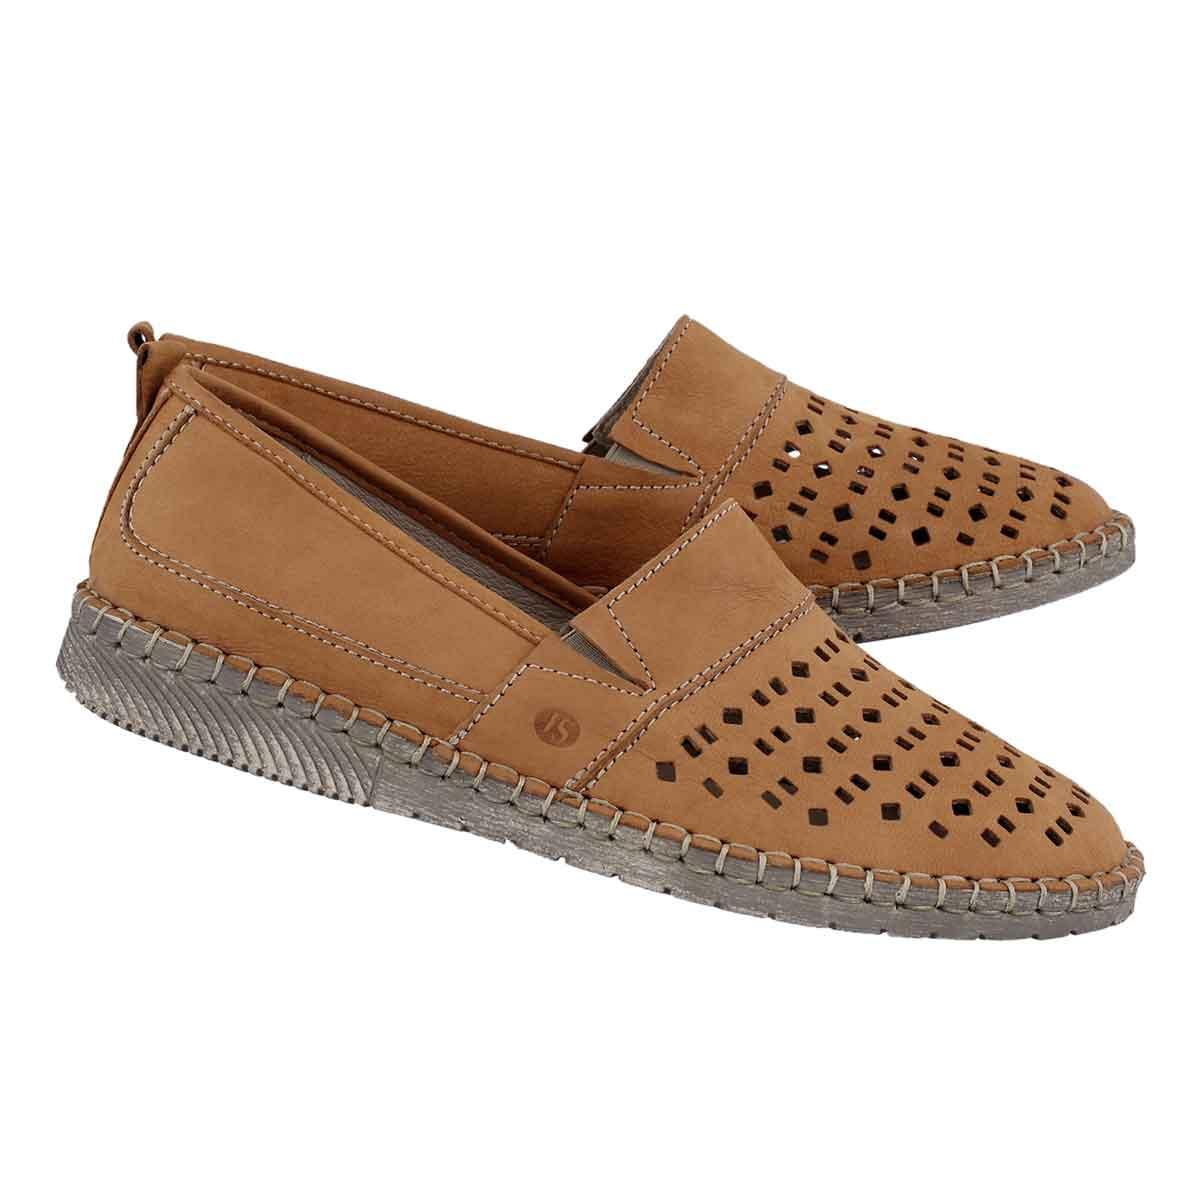 Lds Sofie 27 orange slip on shoe